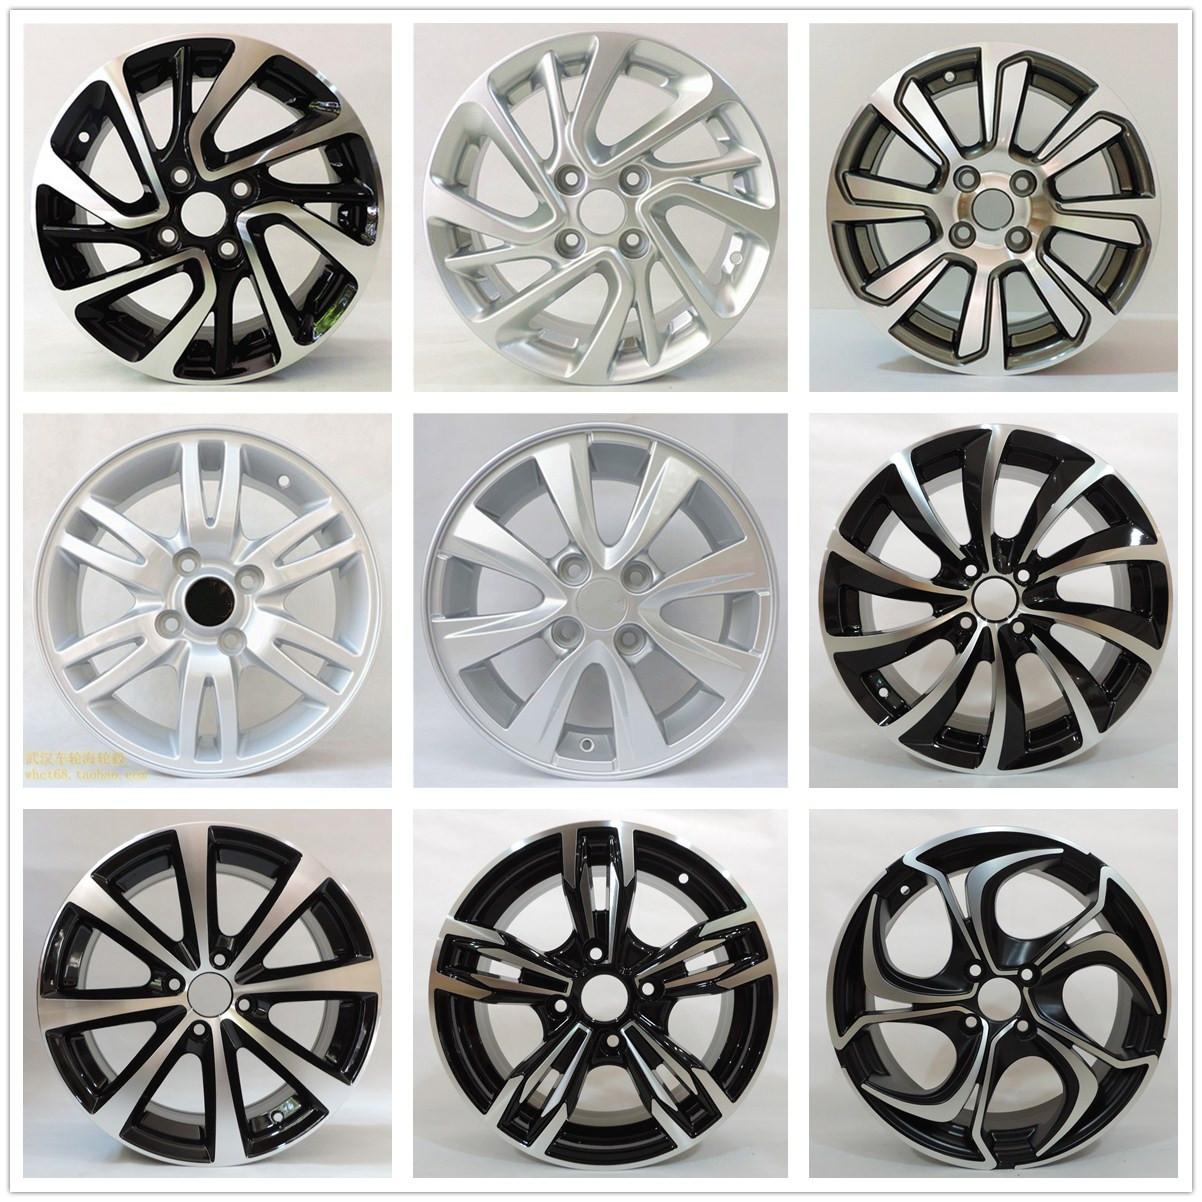 Сейчас в надичии 14 дюймовый chevrolet aveo RV колесо парус aveo парус 3 колесо 15 дюймовый любовь - только в европе ремонт колесо